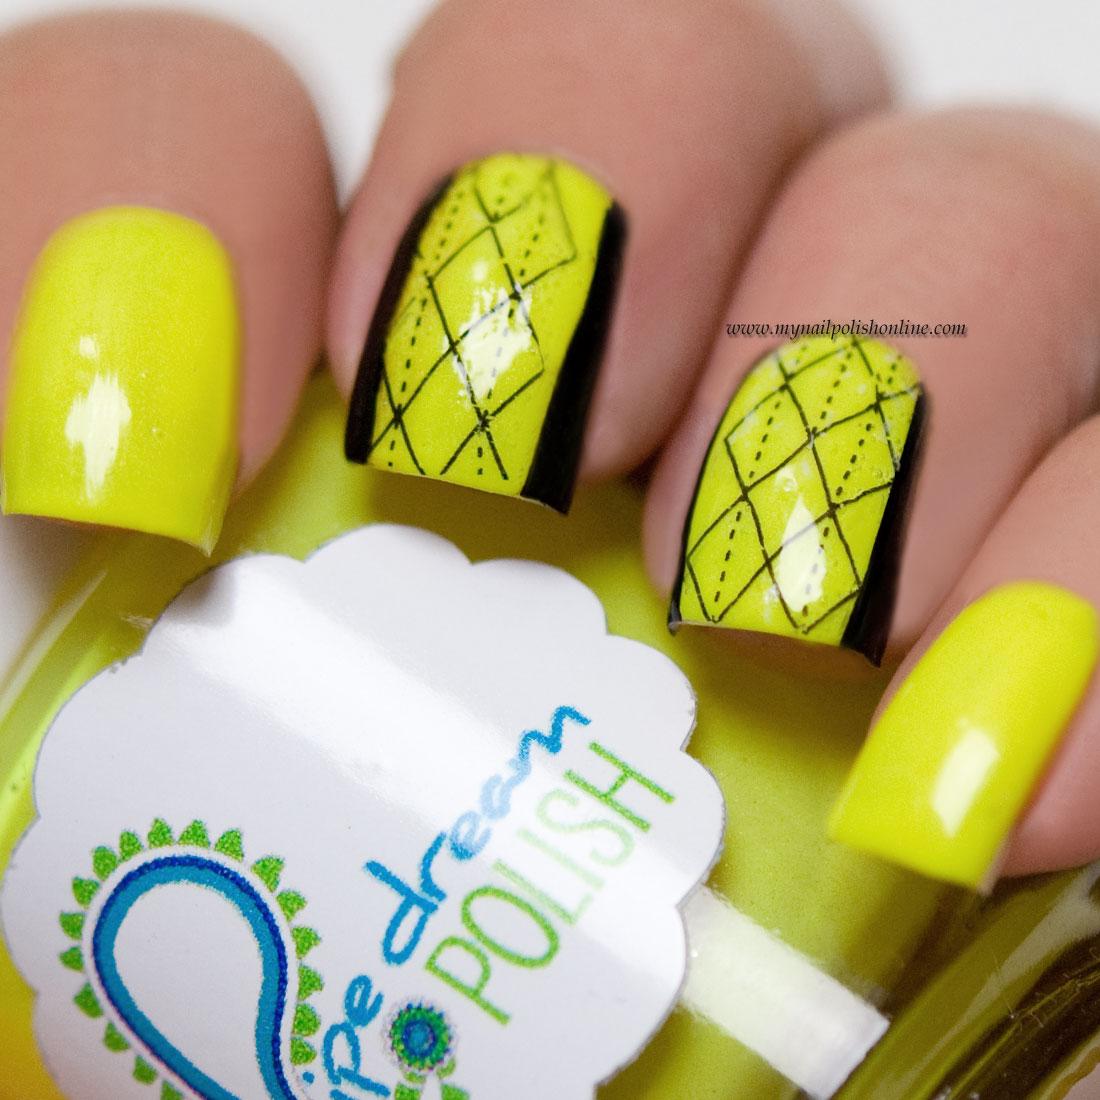 Neon Nail Polish Online: Yellow Neon Nail Art With Nail Tattoos